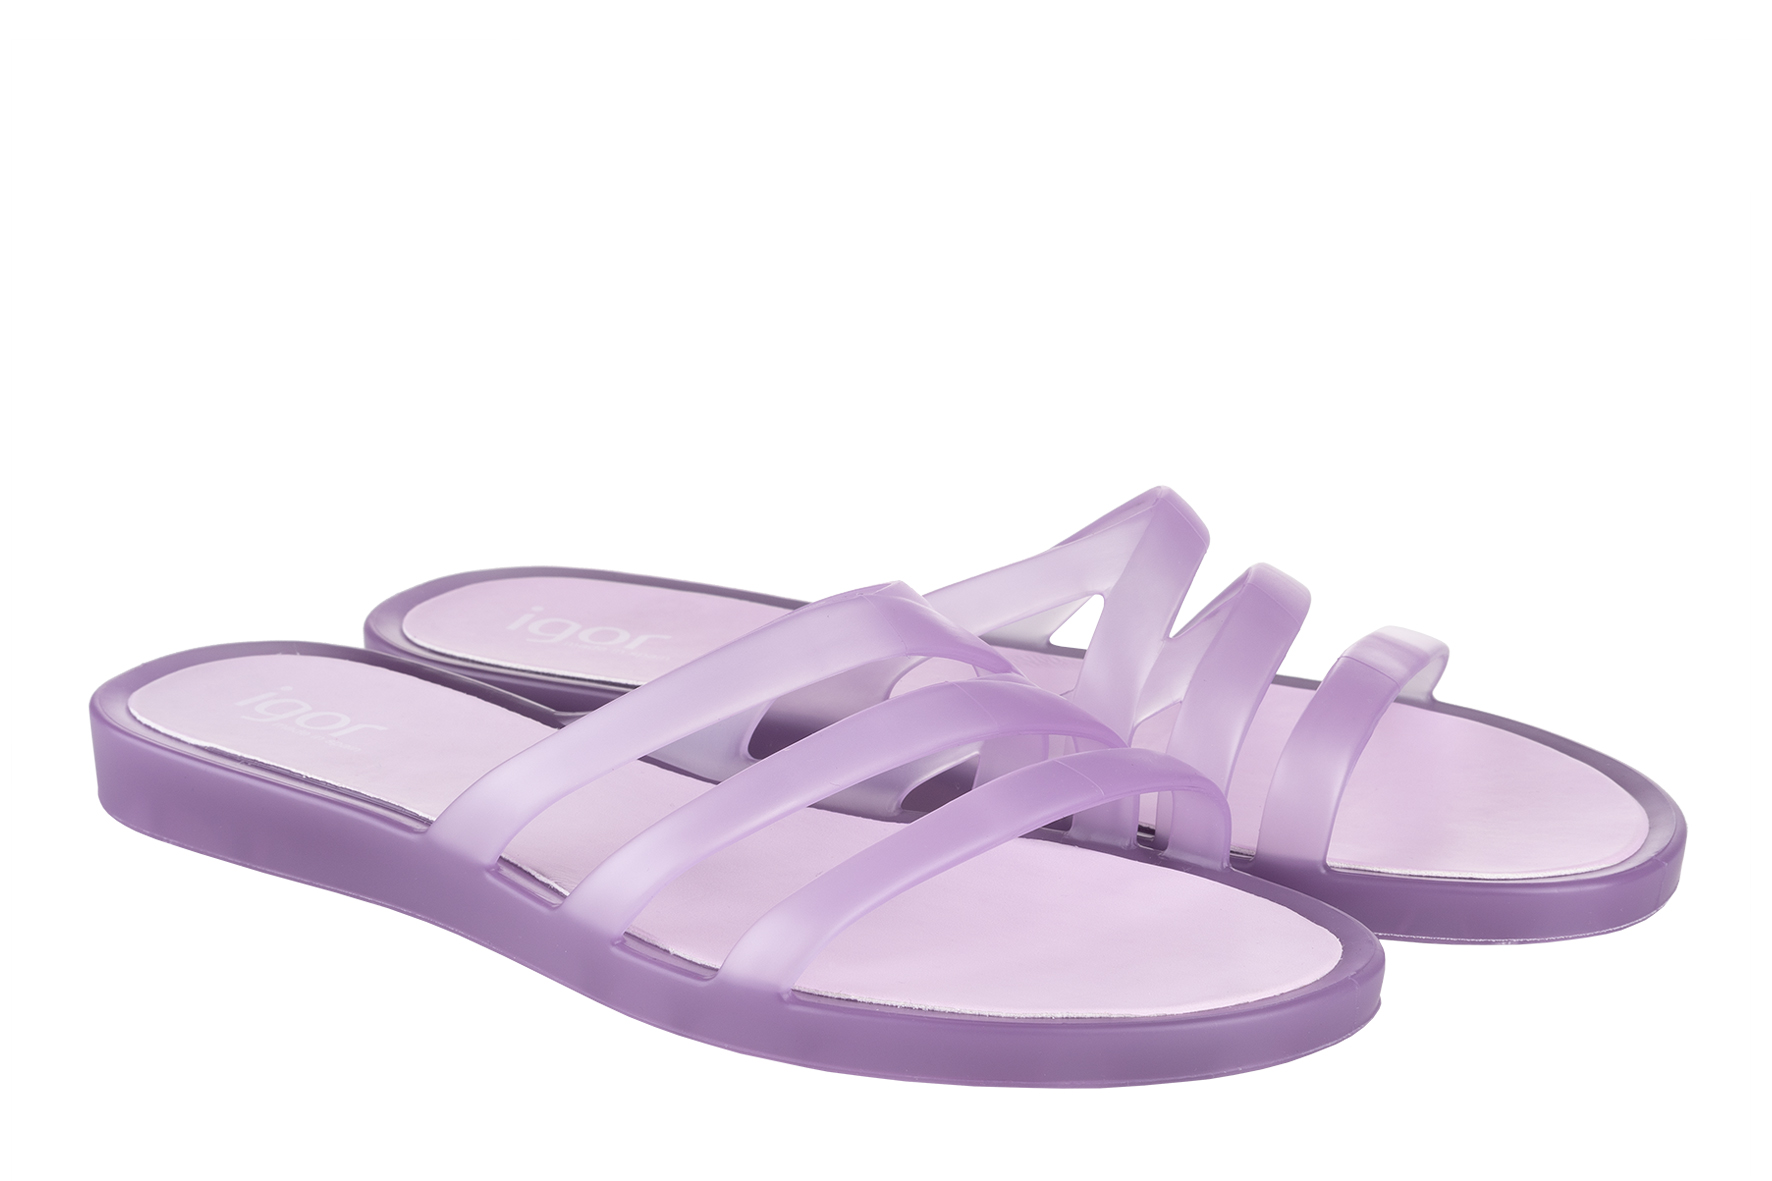 Transparencias para calzar nuestros pies este verano de la mano de Igor